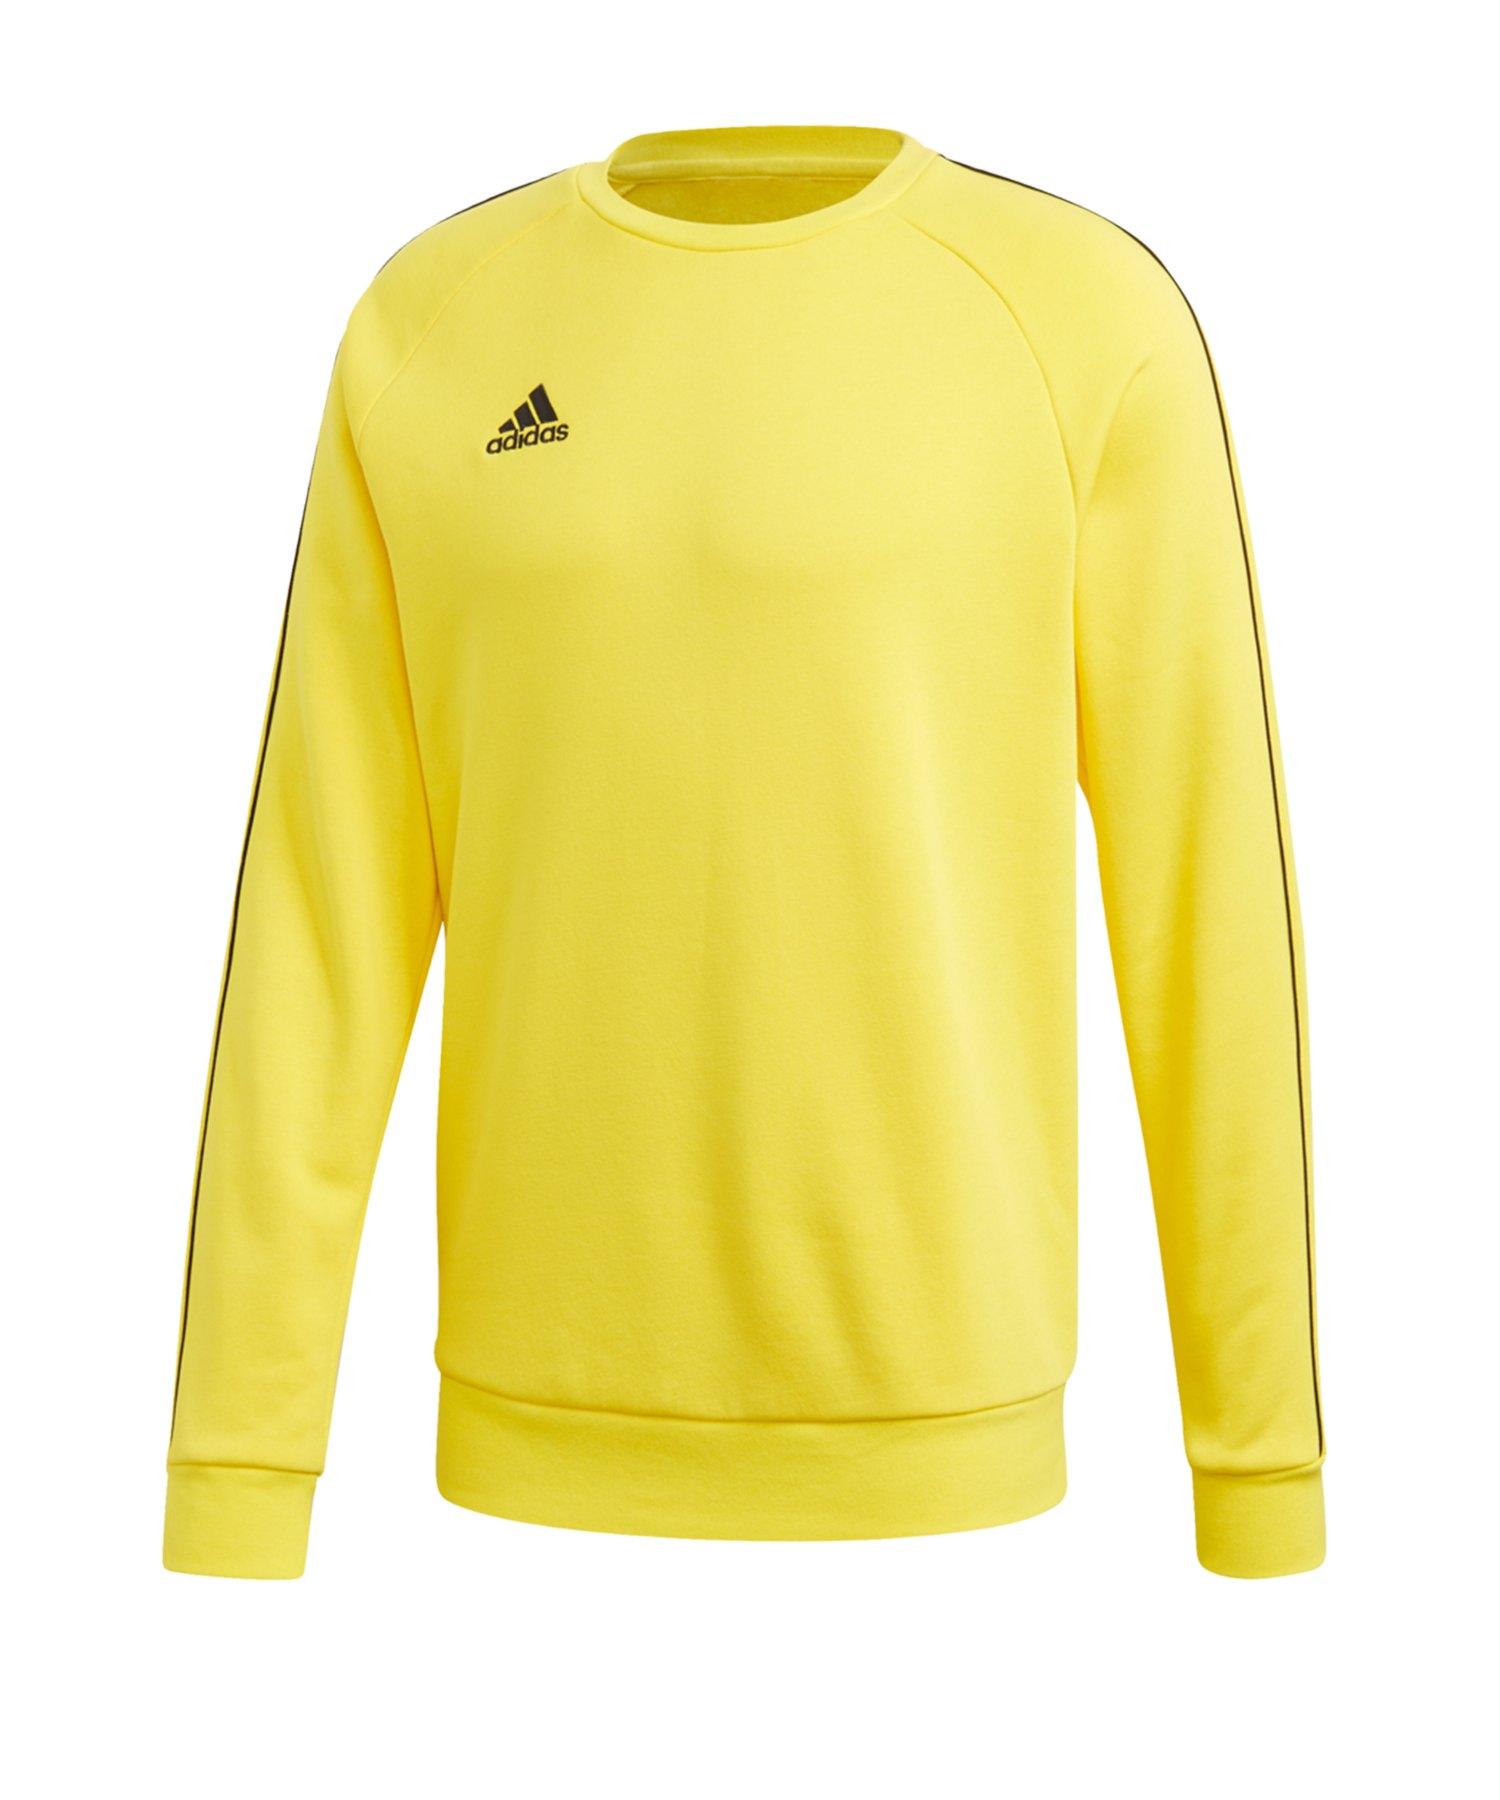 adidas Core 18 Sweatshirt Gelb Schwarz - gelb